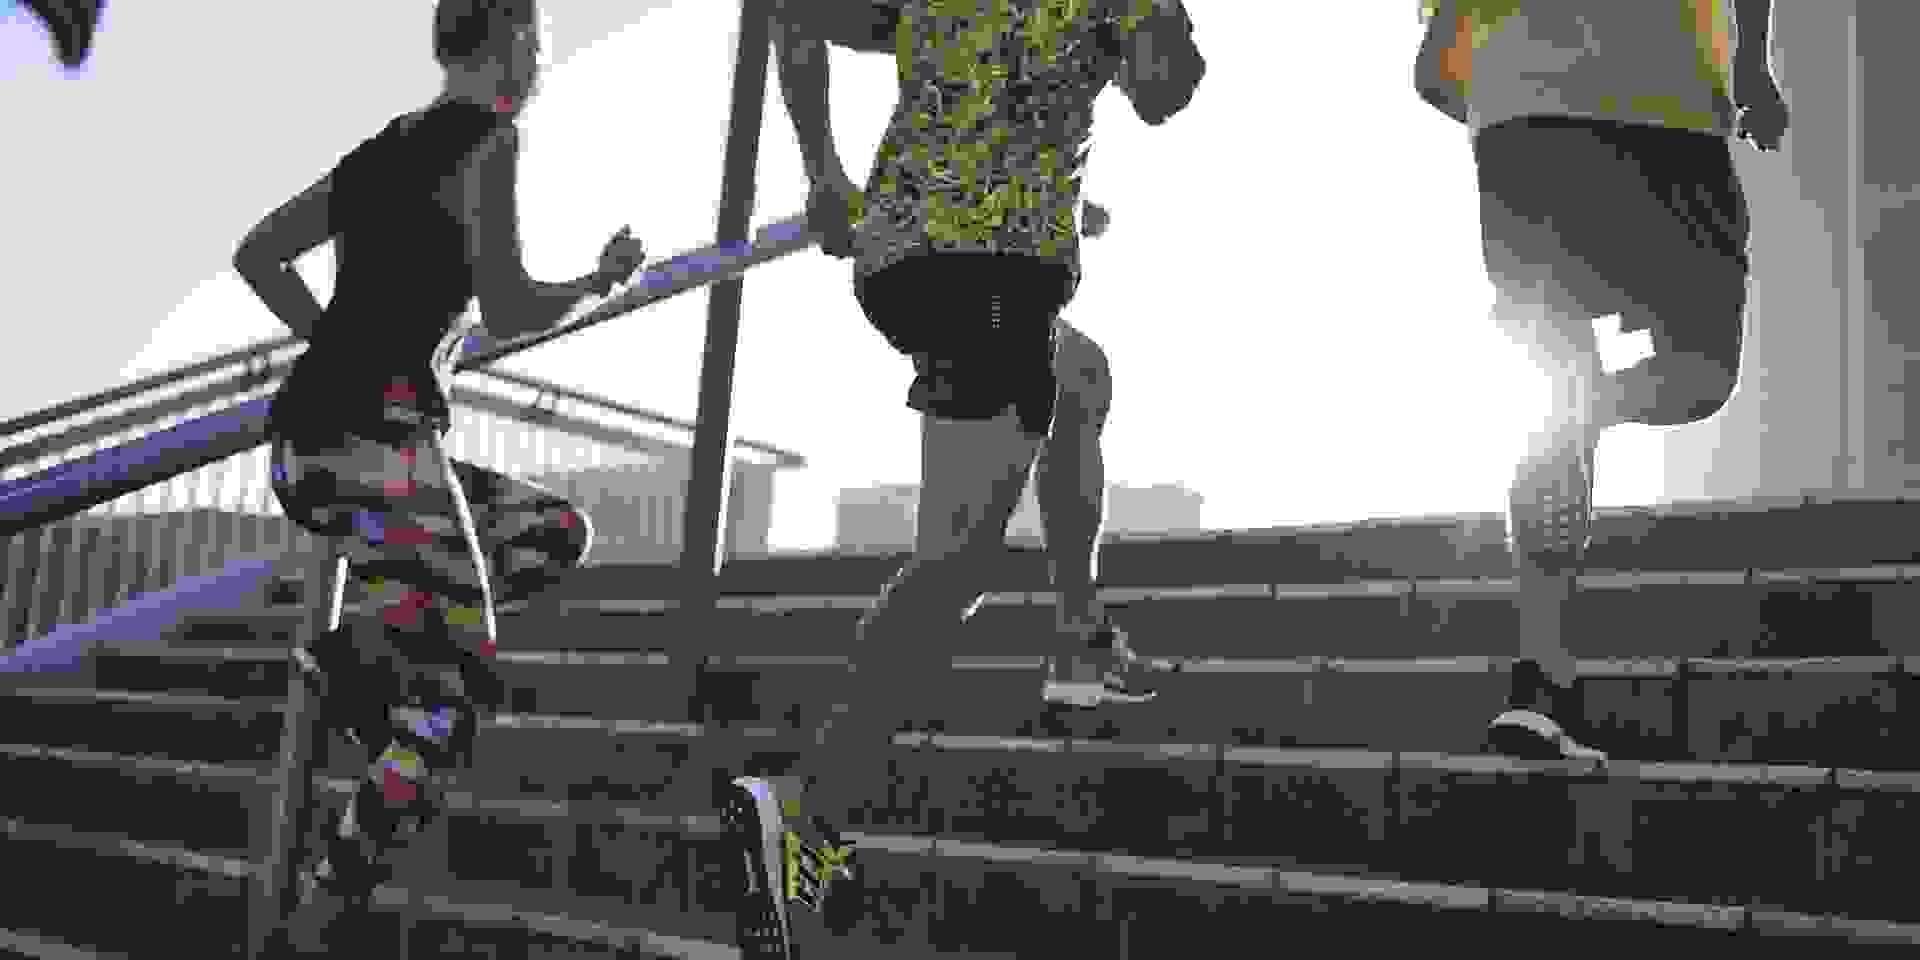 Eine Gruppe läuft während des Trainings eine Treppe hinauf